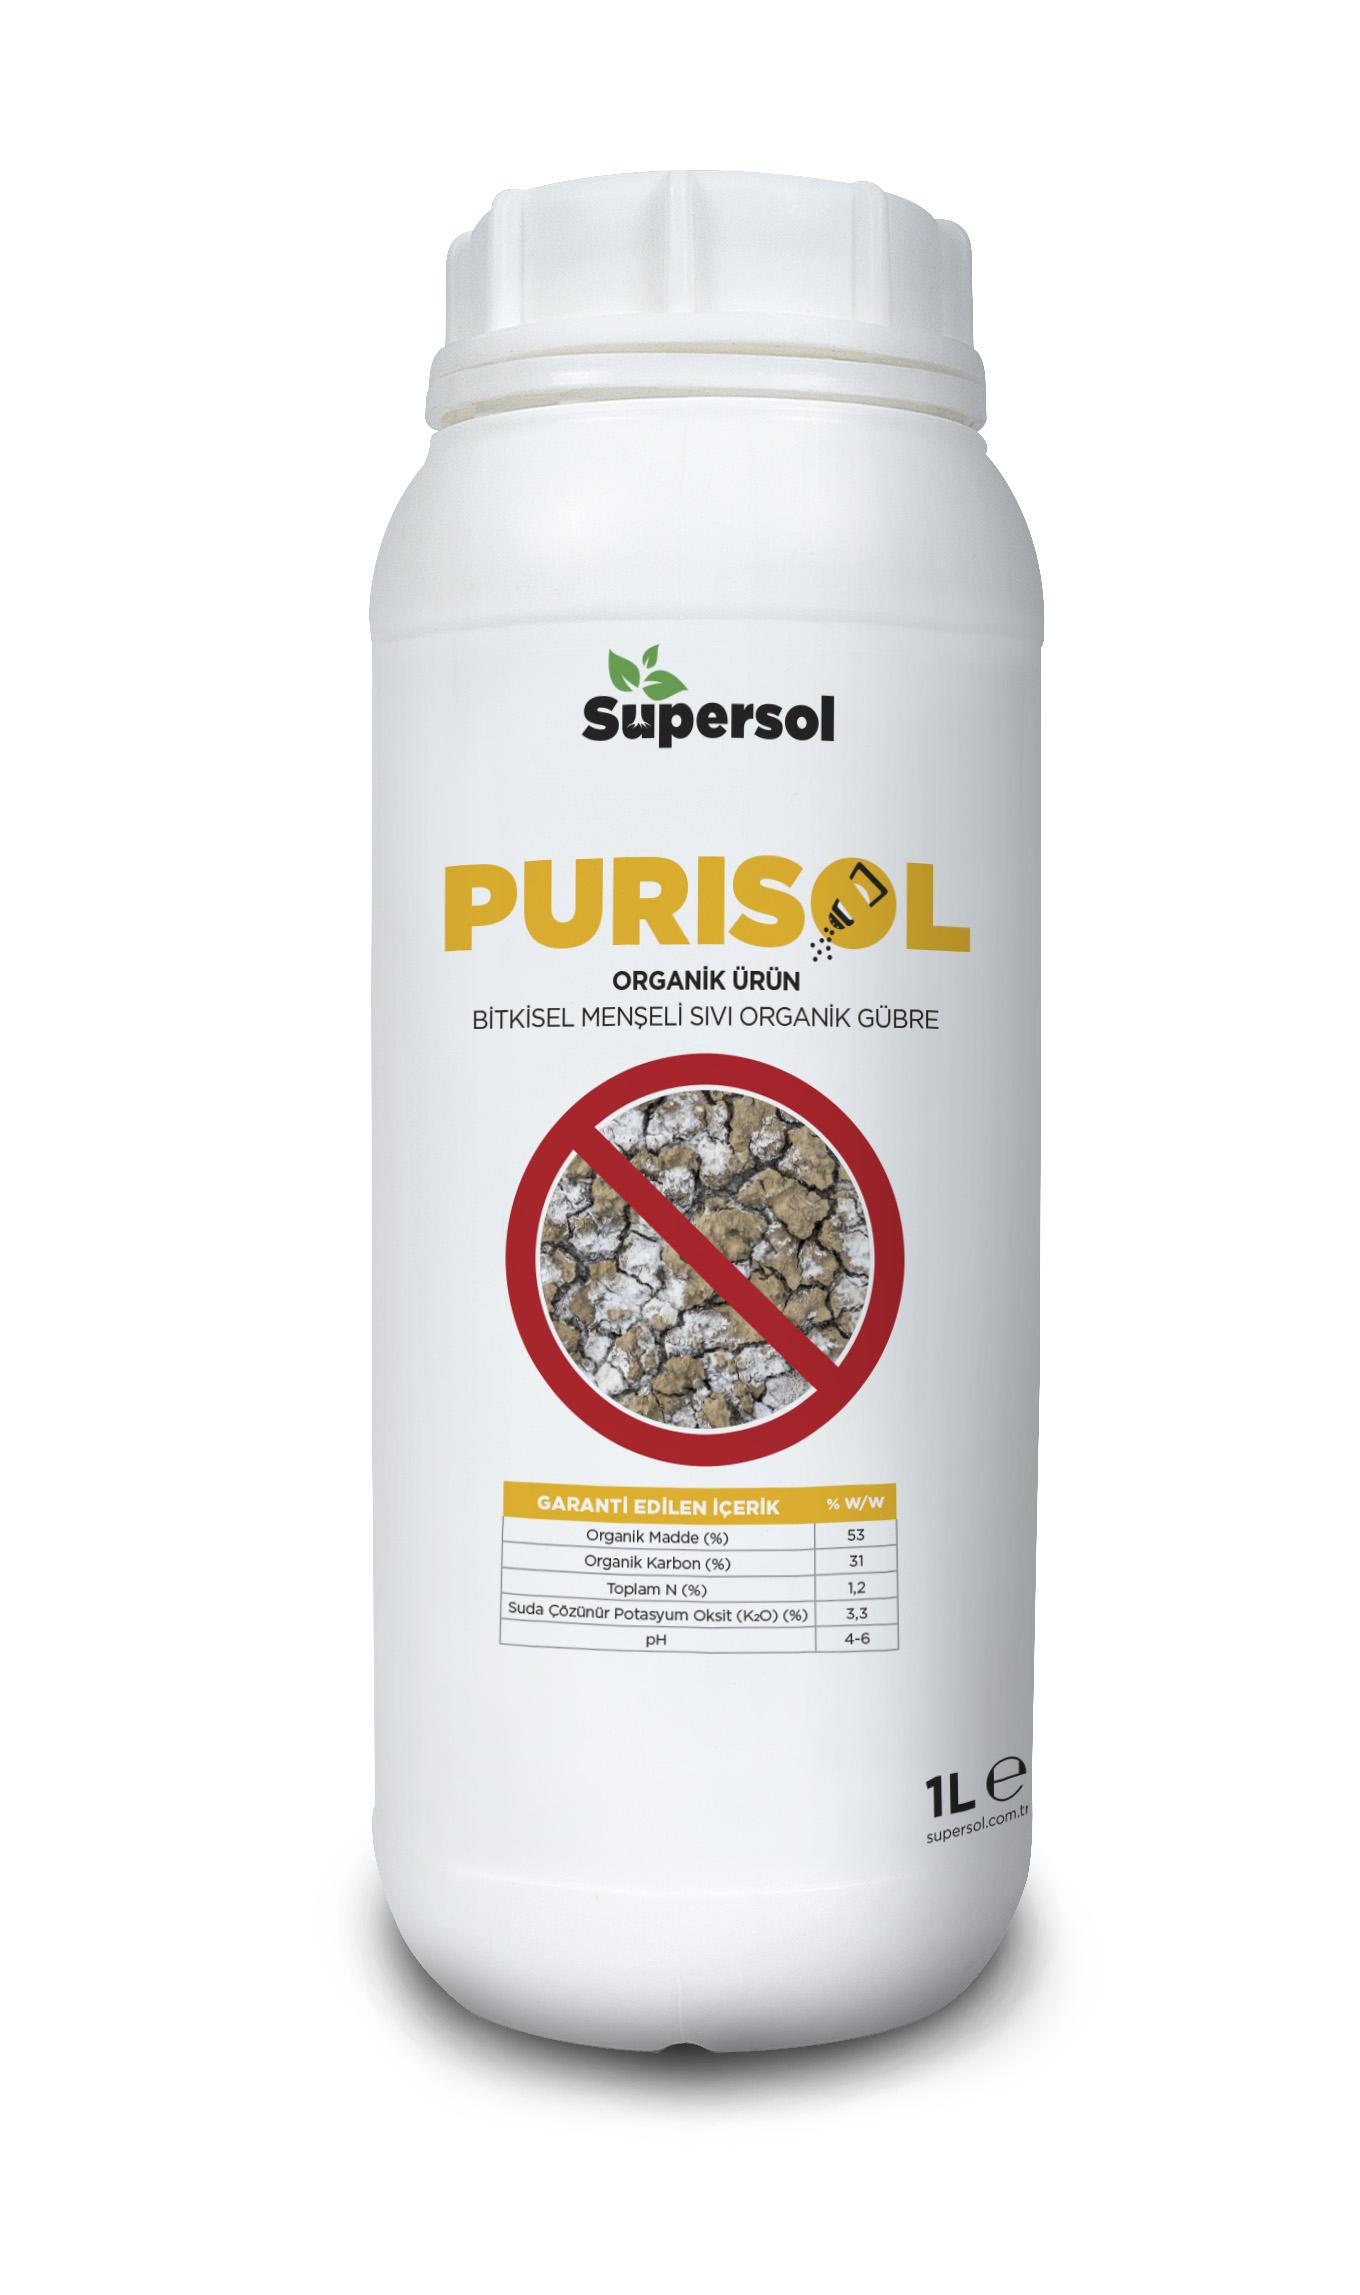 PURISOL (LIQUID ORGANIC FERTILIZER OF PLANT ORIGIN)